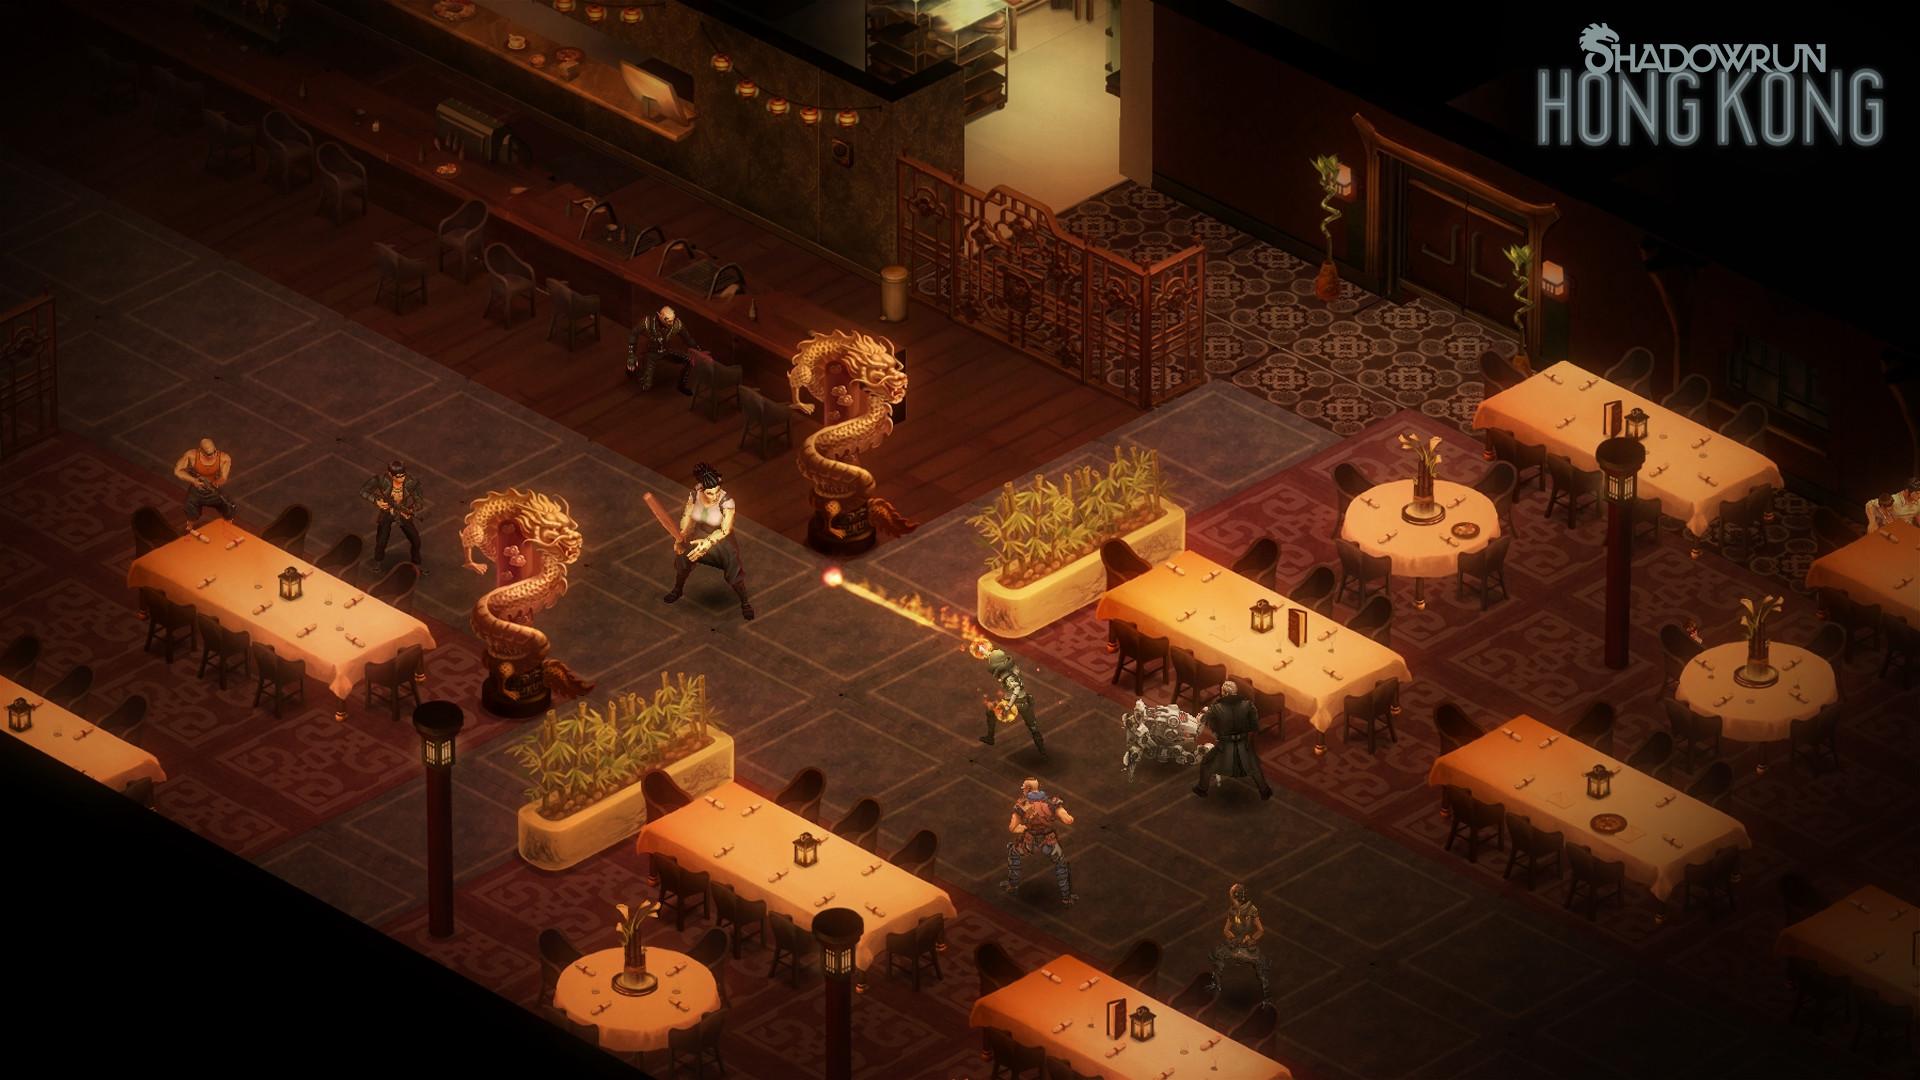 com.steam.346940-screenshot